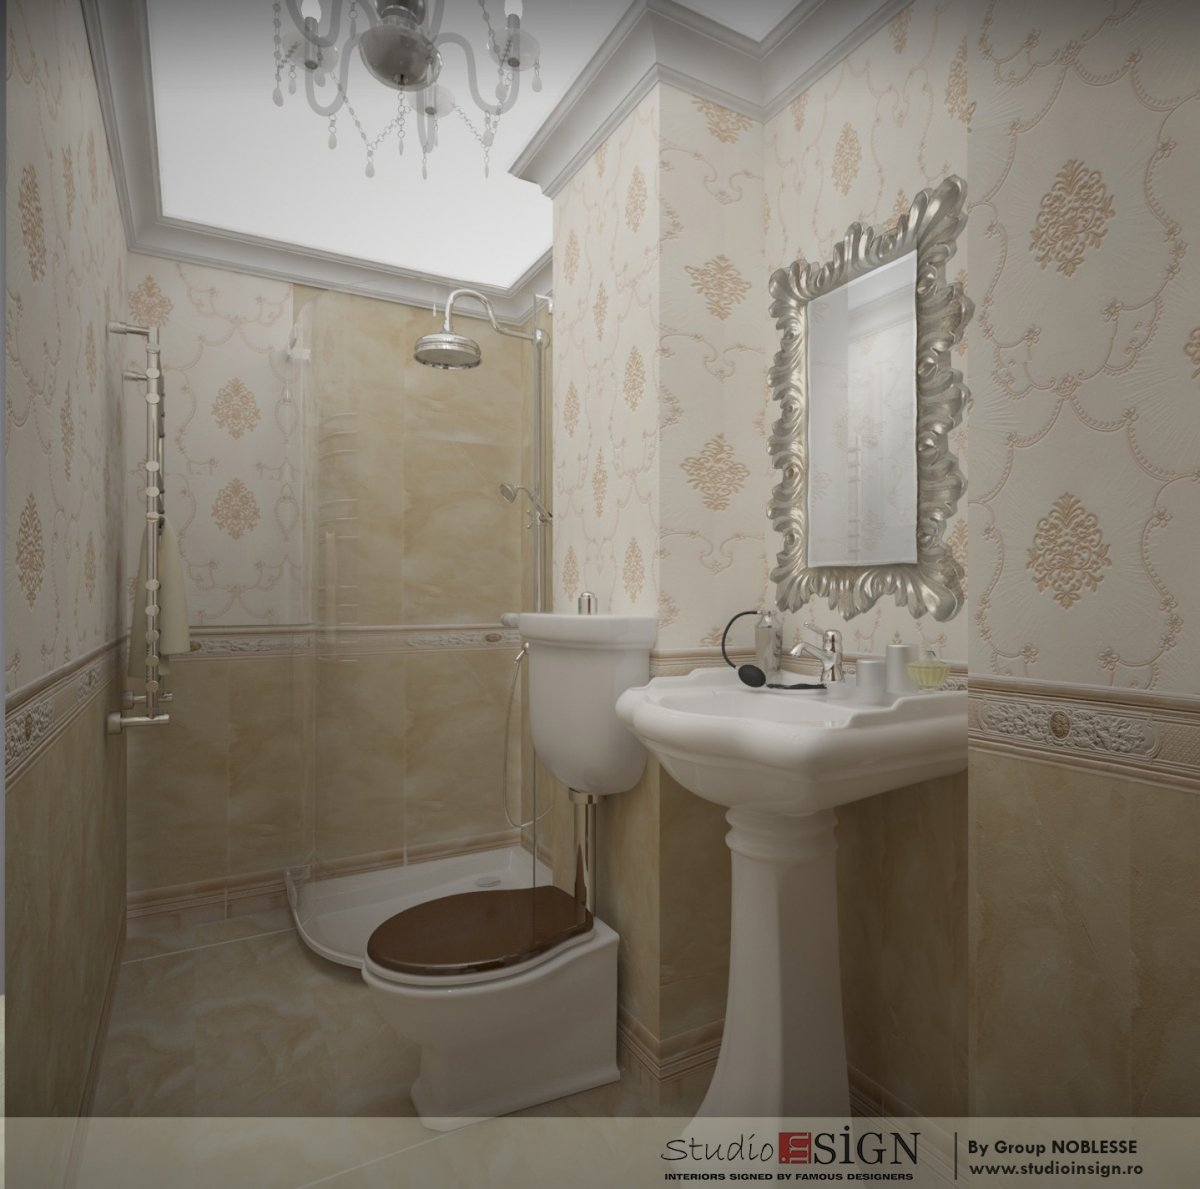 Amenajare interioara apartament clasic-11